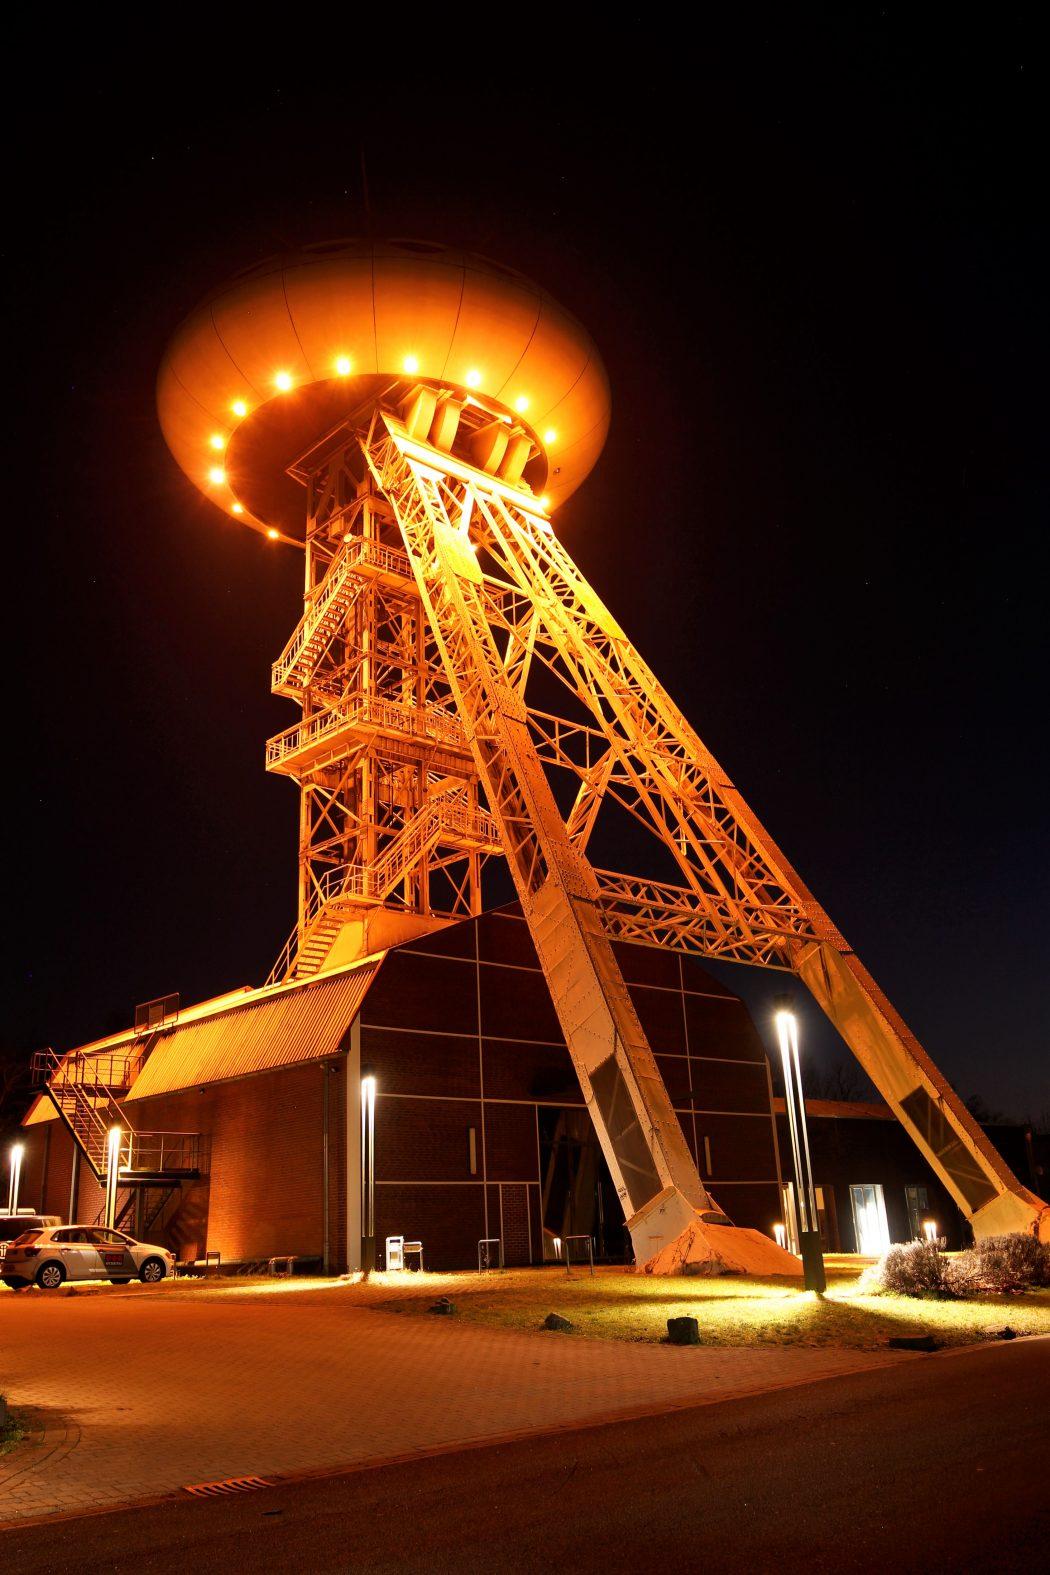 Das Foto zeigt das Colani-Ei in Lünen - einen von zahlreichen Fotospots im Ruhrgebiet bei Nacht